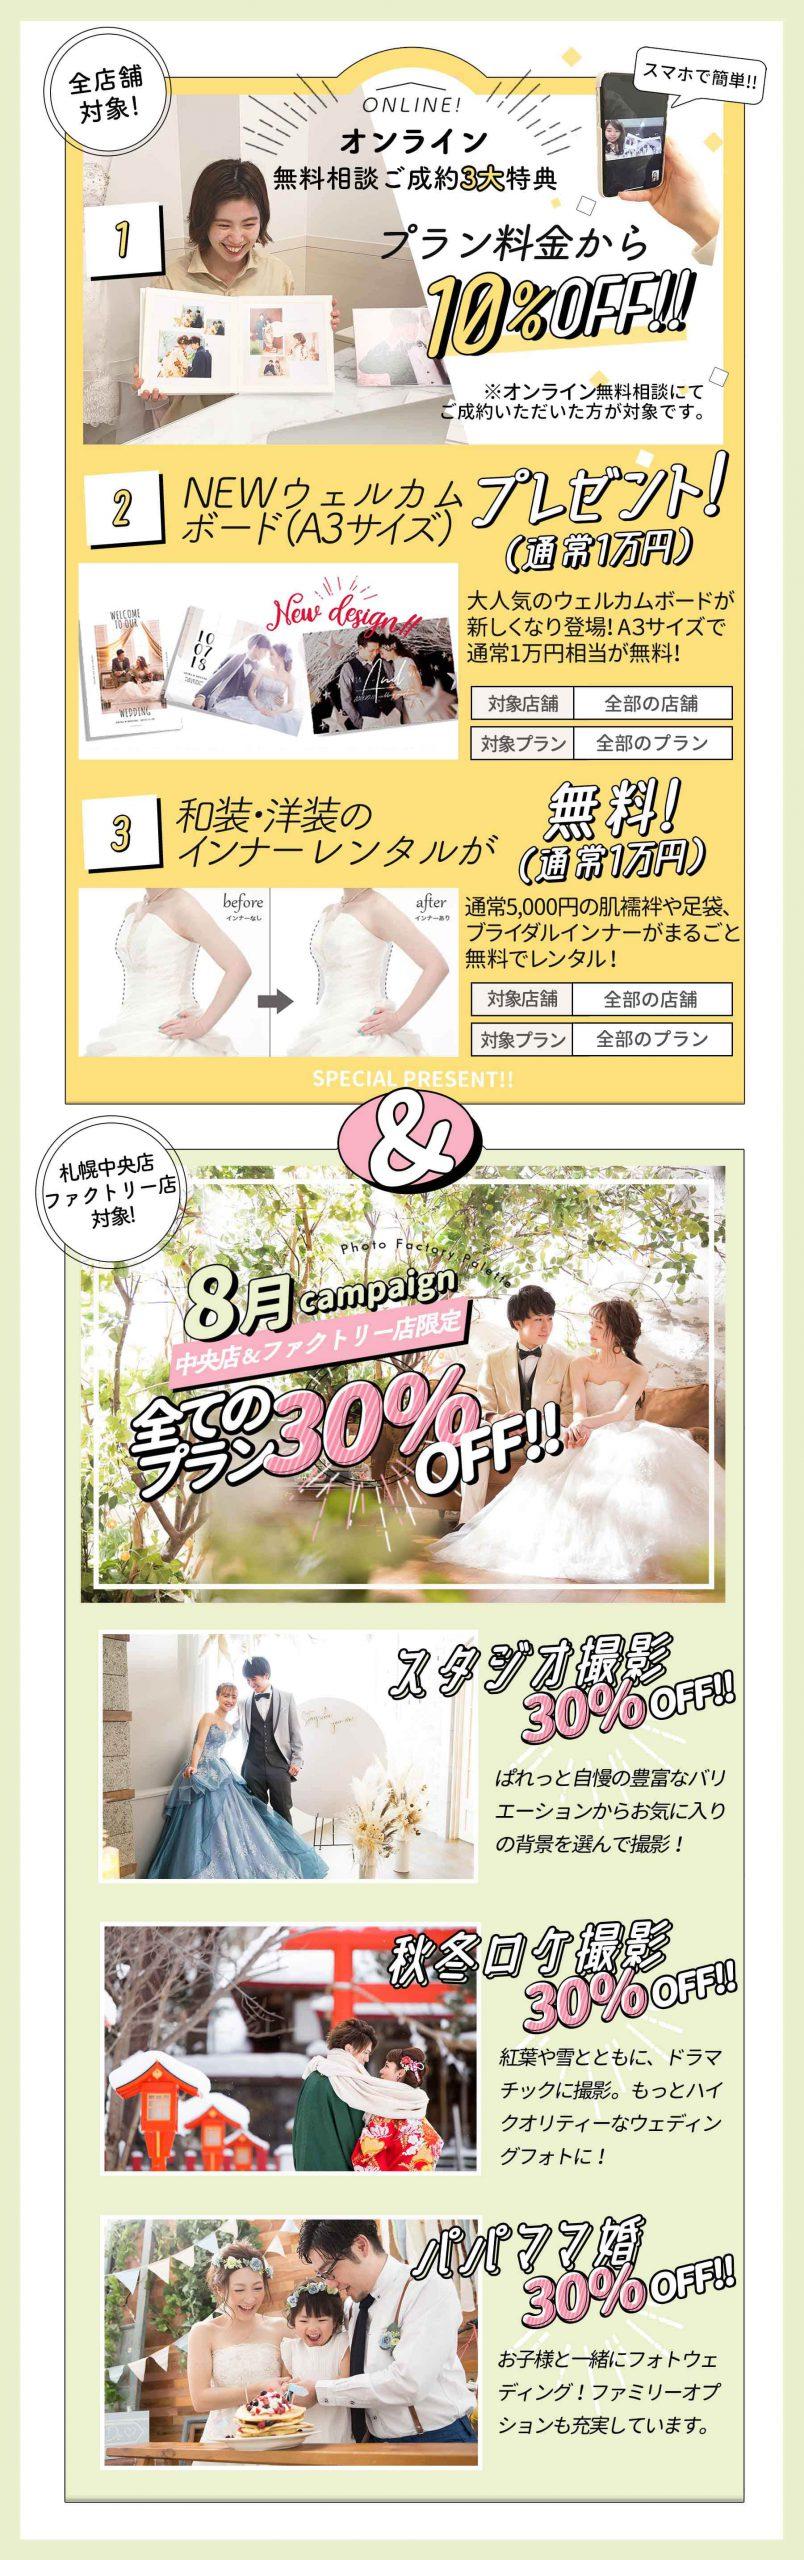 札幌のフォトウェディングぱれっとのキャンペーン一覧はこちら▶︎